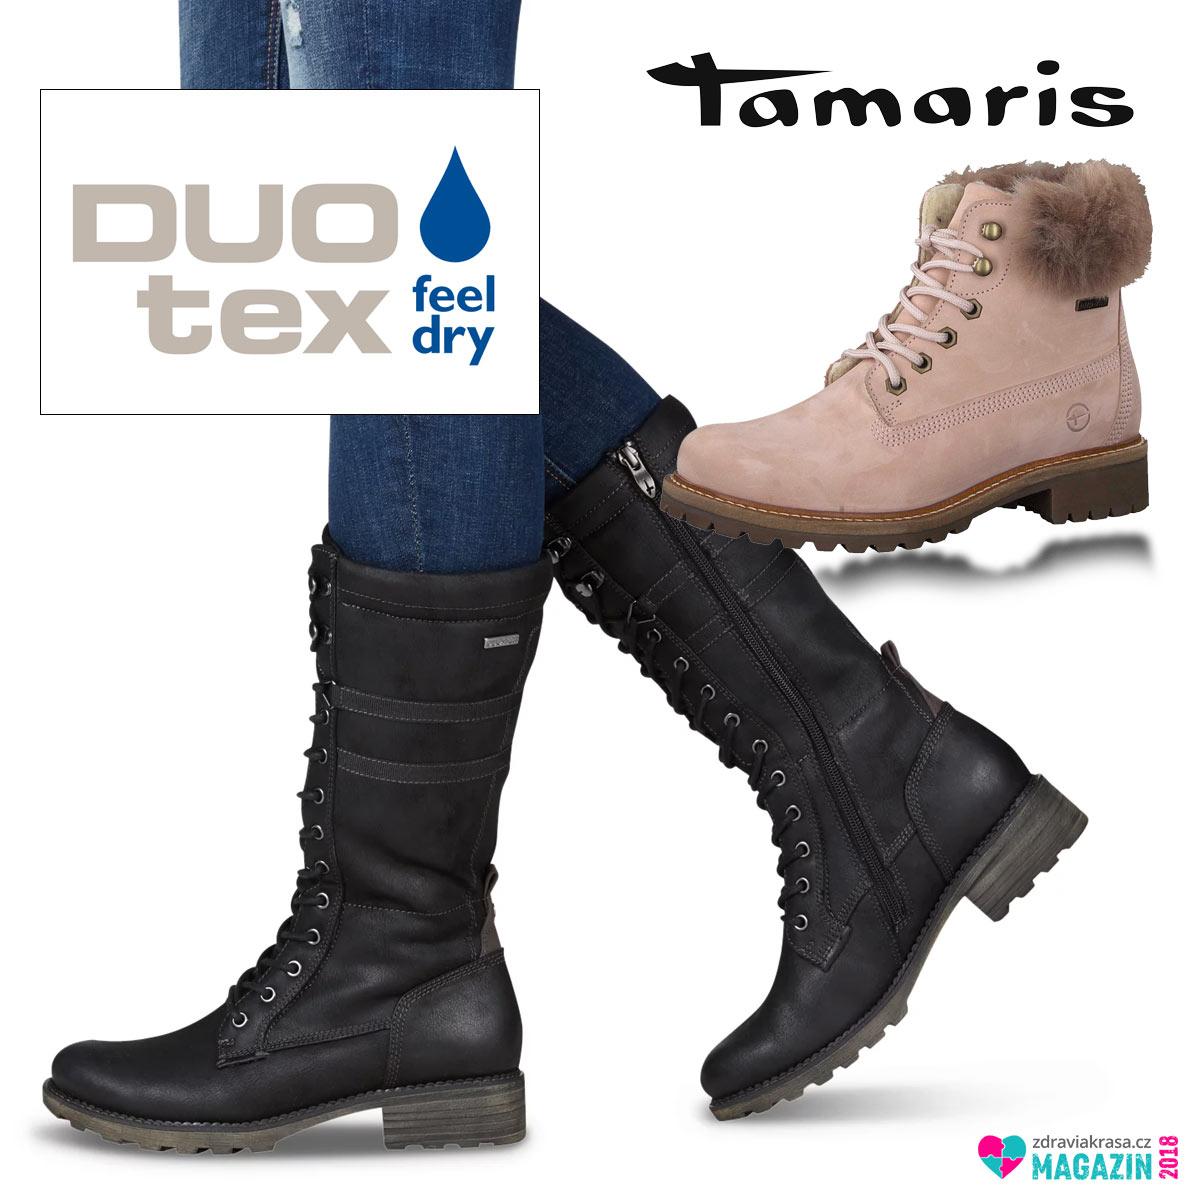 Zimní boty s membránou DuoTex, která je nepromokavá, ale zevnitř prodyšná.